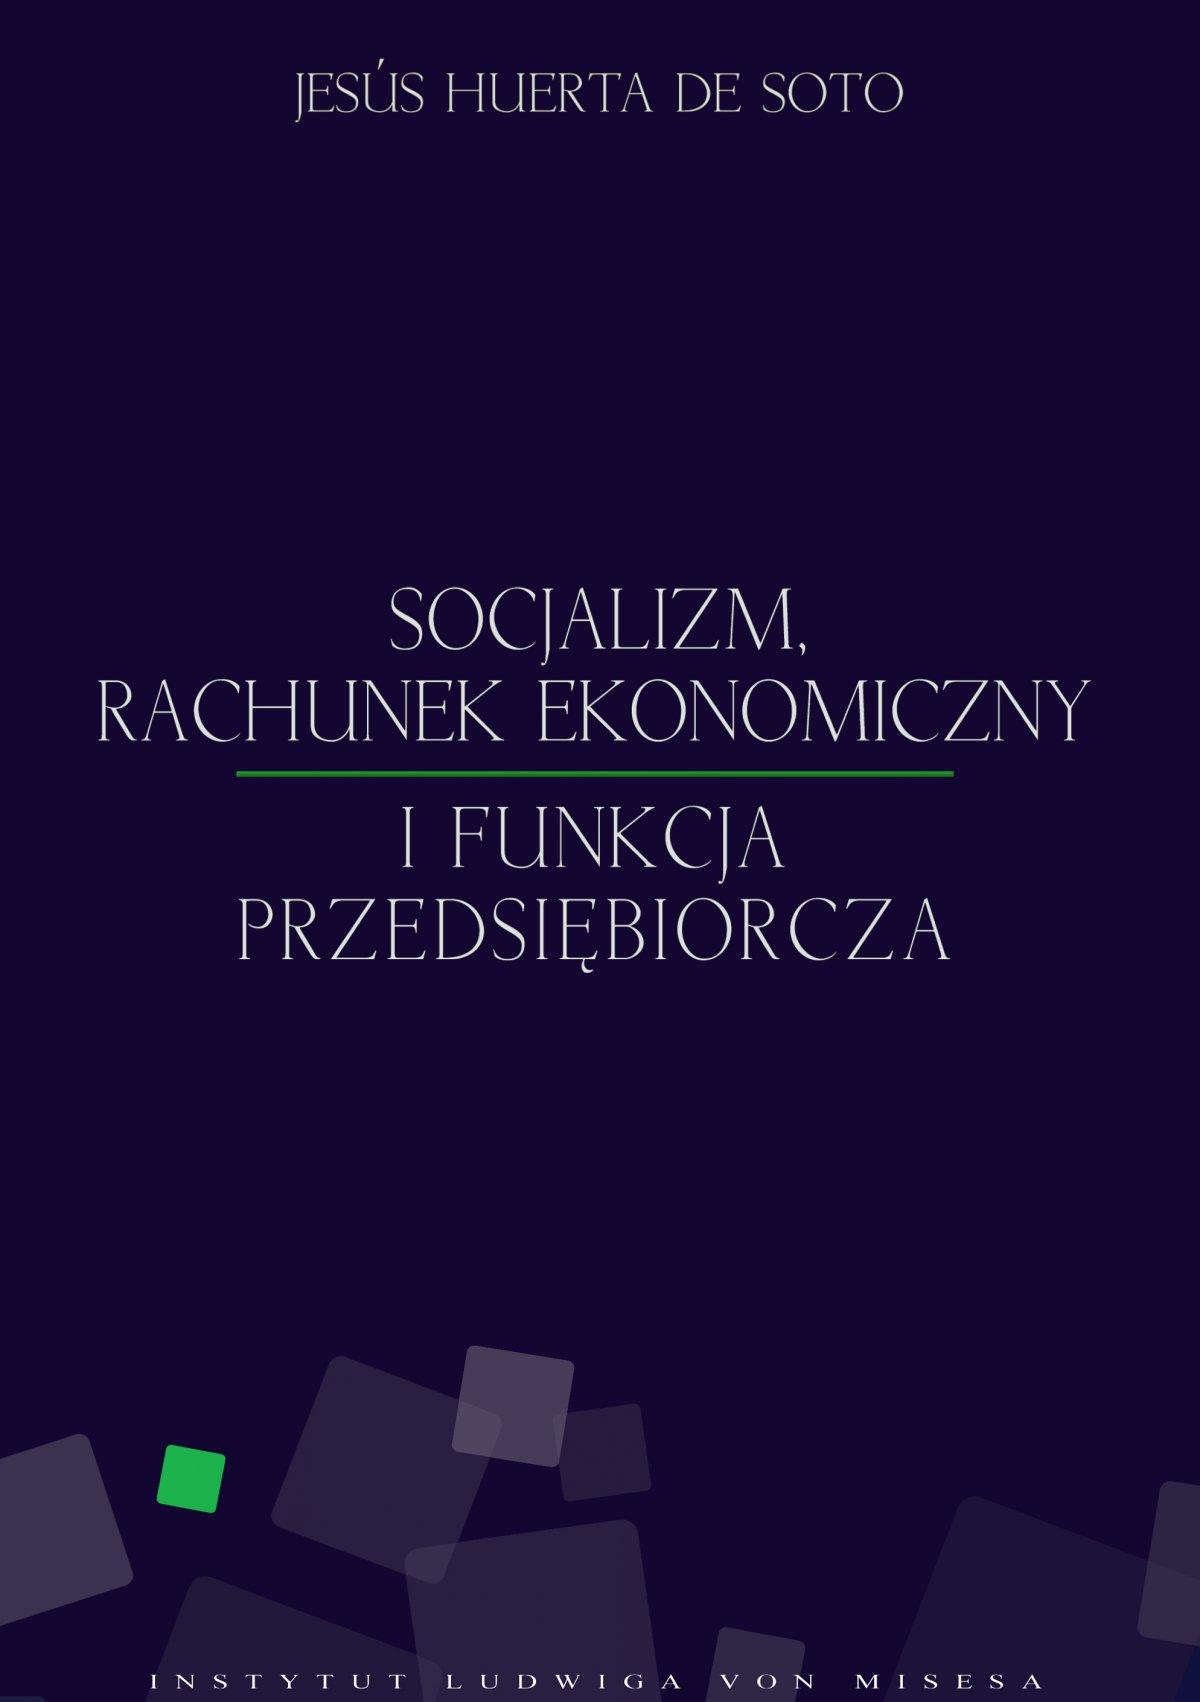 Socjalizm, rachunek ekonomiczny i funkcja przedsiębiorcza - Ebook (Książka EPUB) do pobrania w formacie EPUB